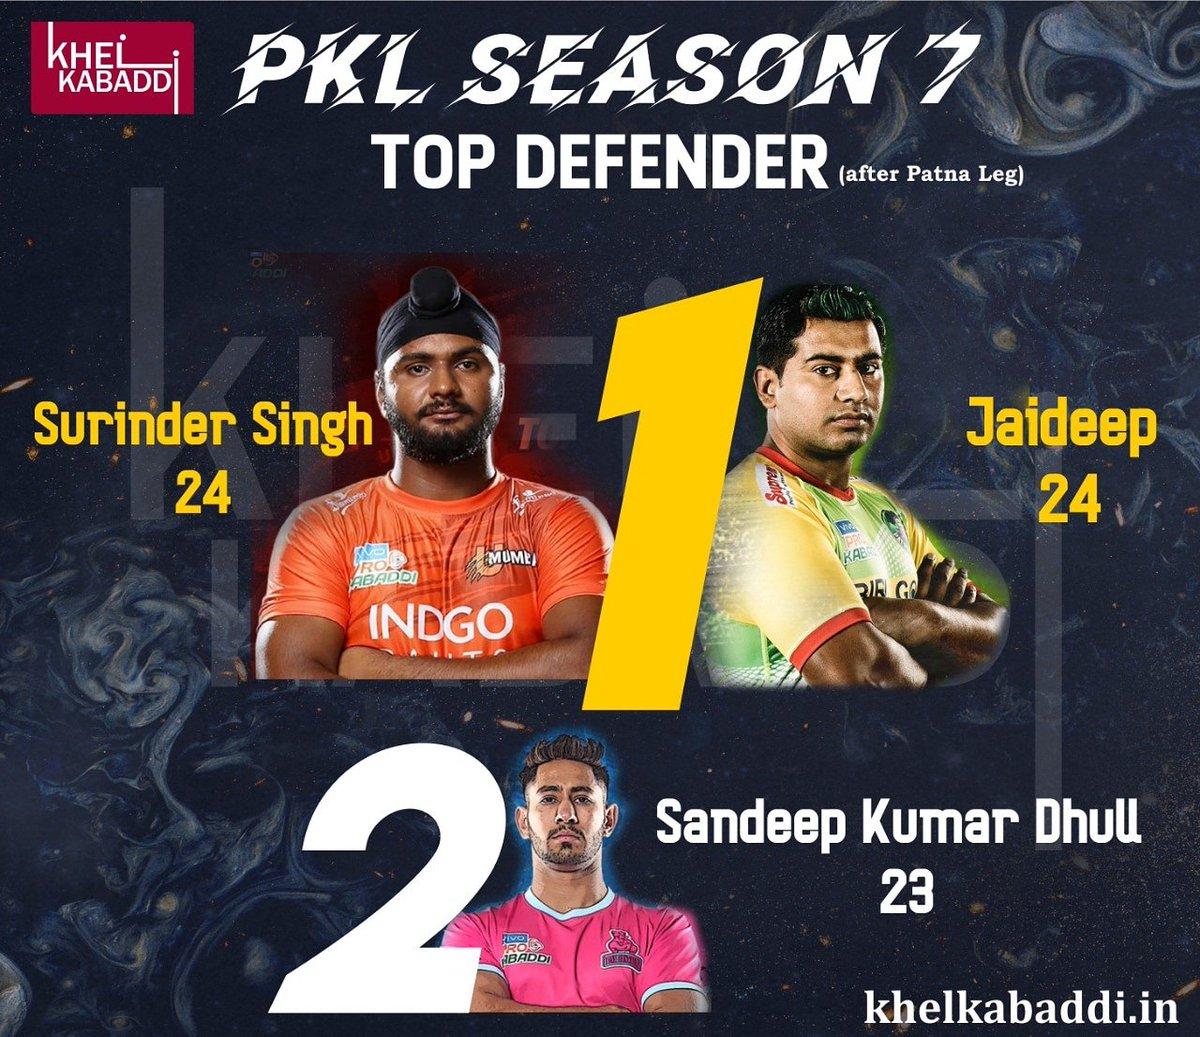 Top Defenders after Patna Leg @prokabaddi #TopRaiders #SurinderSingh #JaideepSharma #SandeepDhull #Kabaddi #KhelKabaddi #ProKabaddi